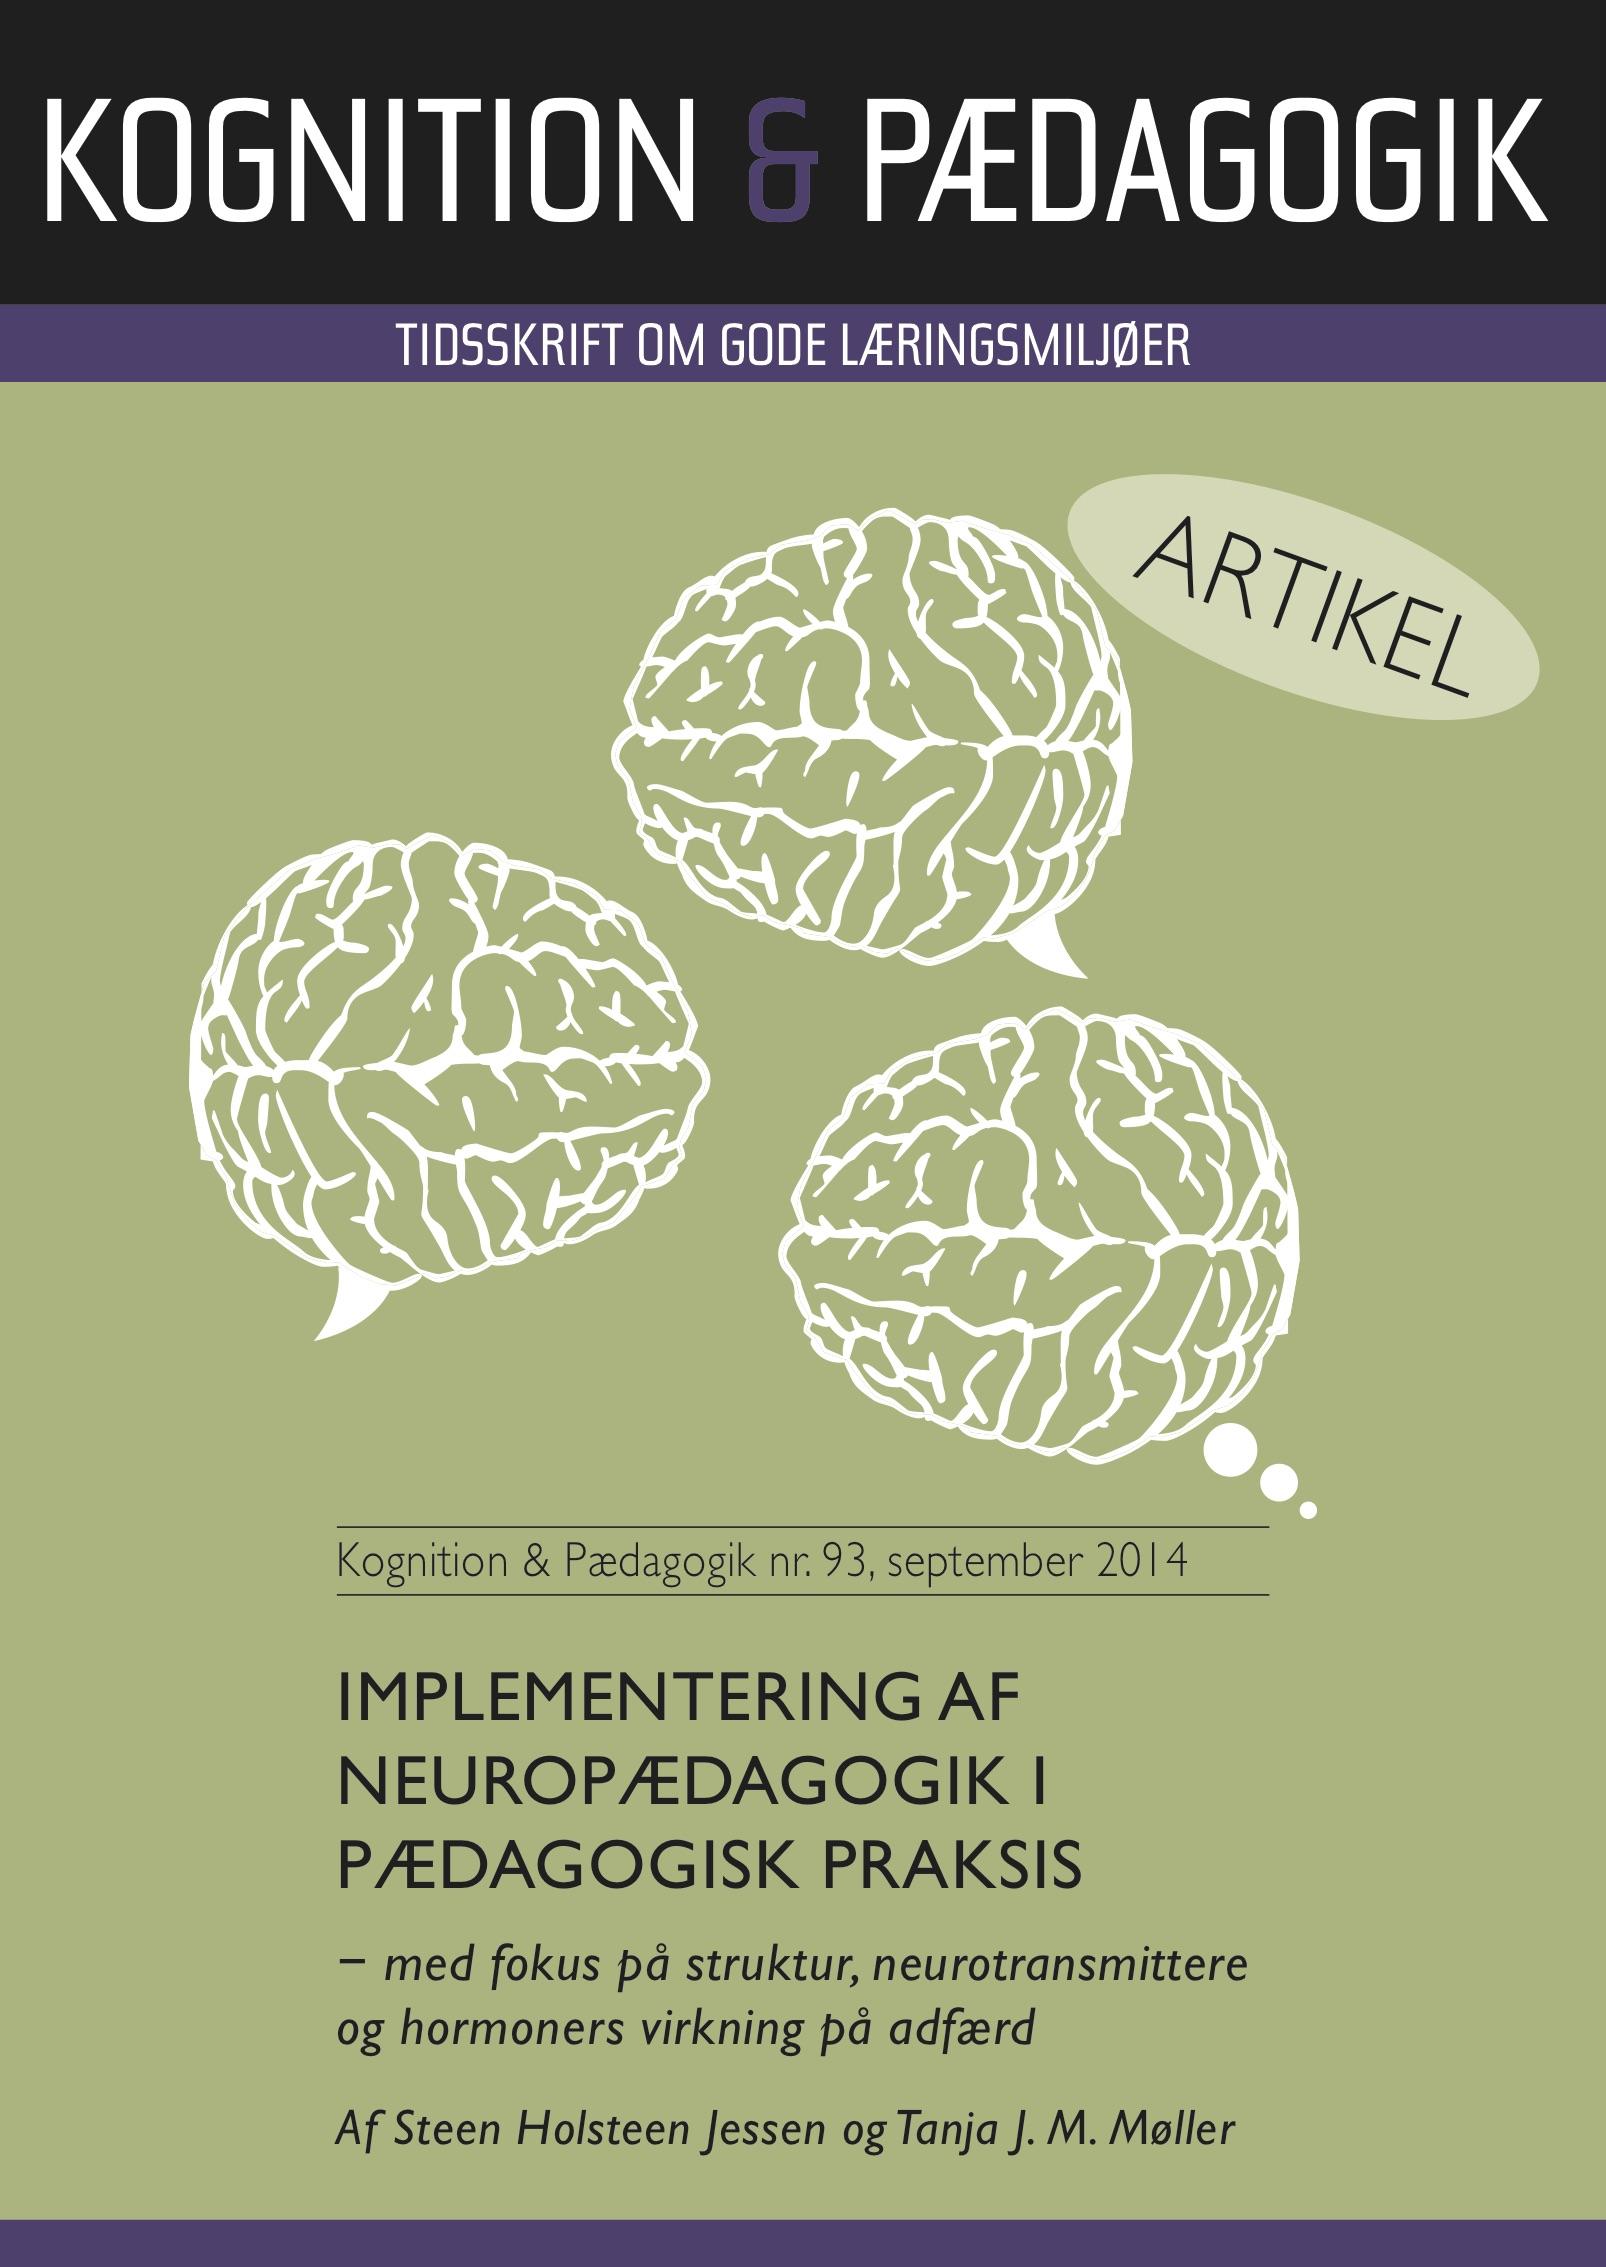 Implementering af neuropædagogik i pædagogisk praksis - e-bog fra N/A på bog & mystik